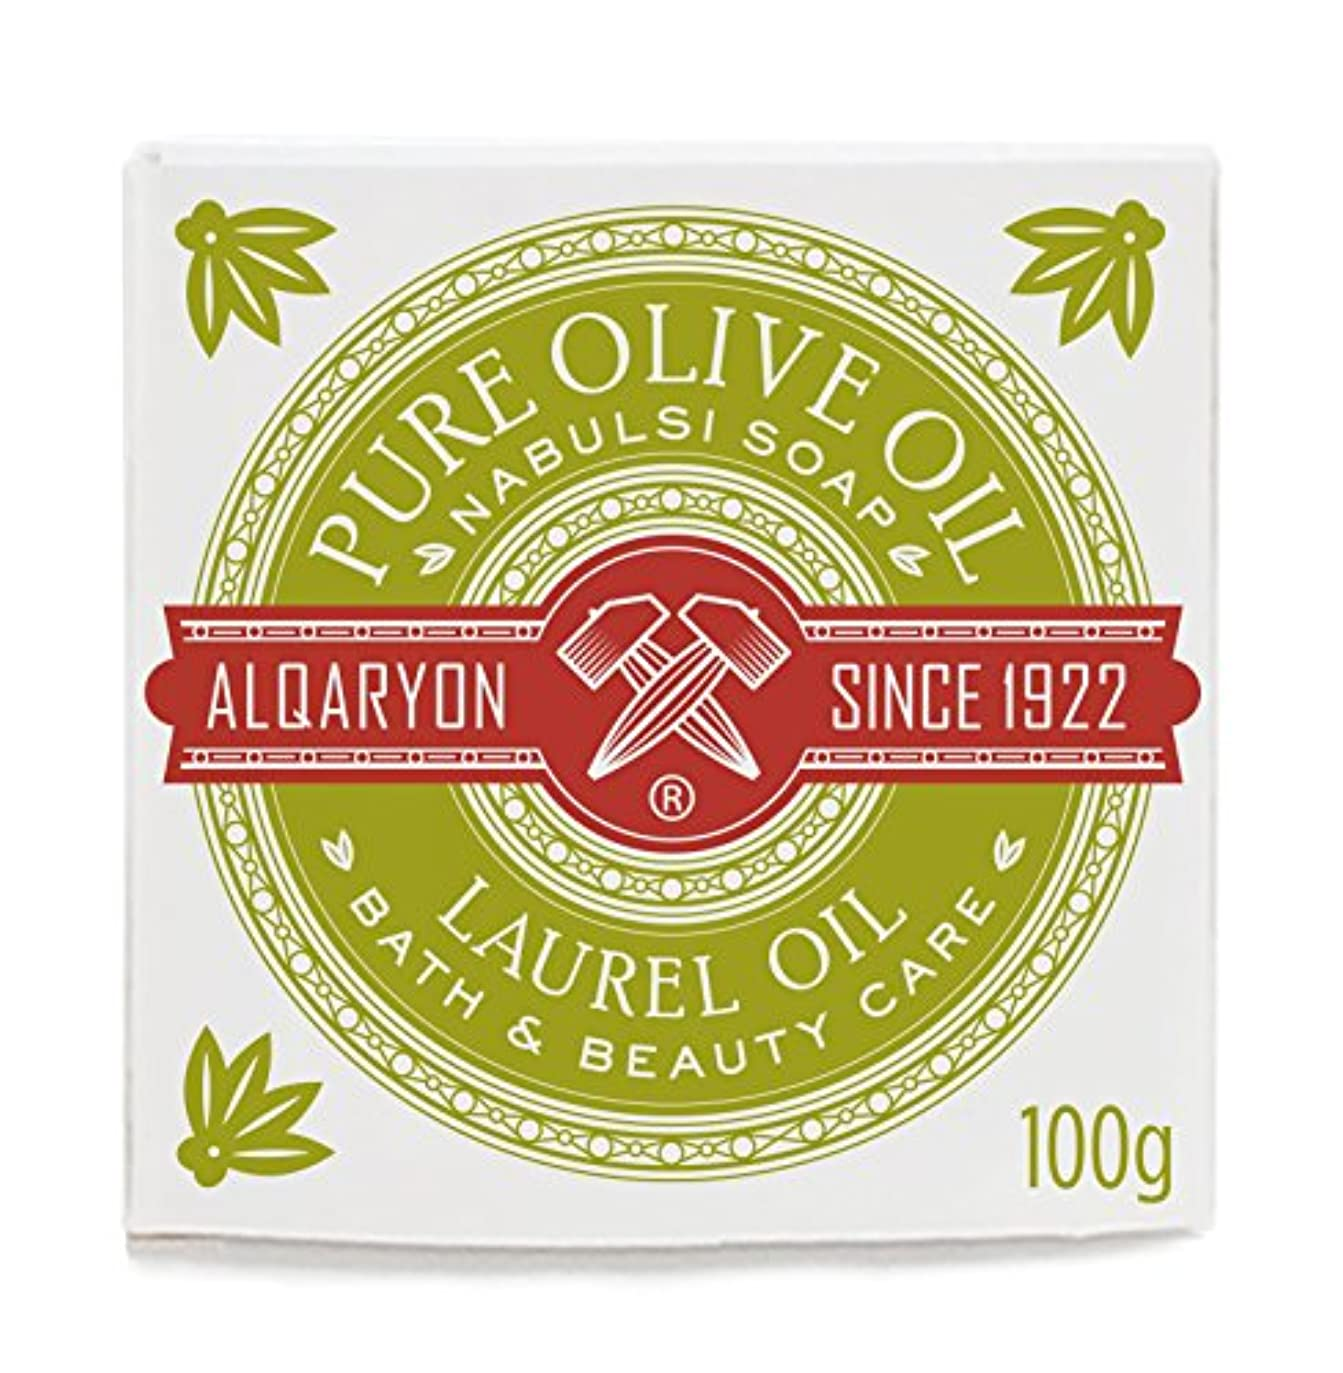 空白小川抜け目のないAlqaryon Laurel Oil & Olive Oil Bar Soap Pack of 4 - AlqaryonのローレルオイルI&オリーブオイル ソープ、バス & ビューティー ケア、100gの石鹸4個のパック